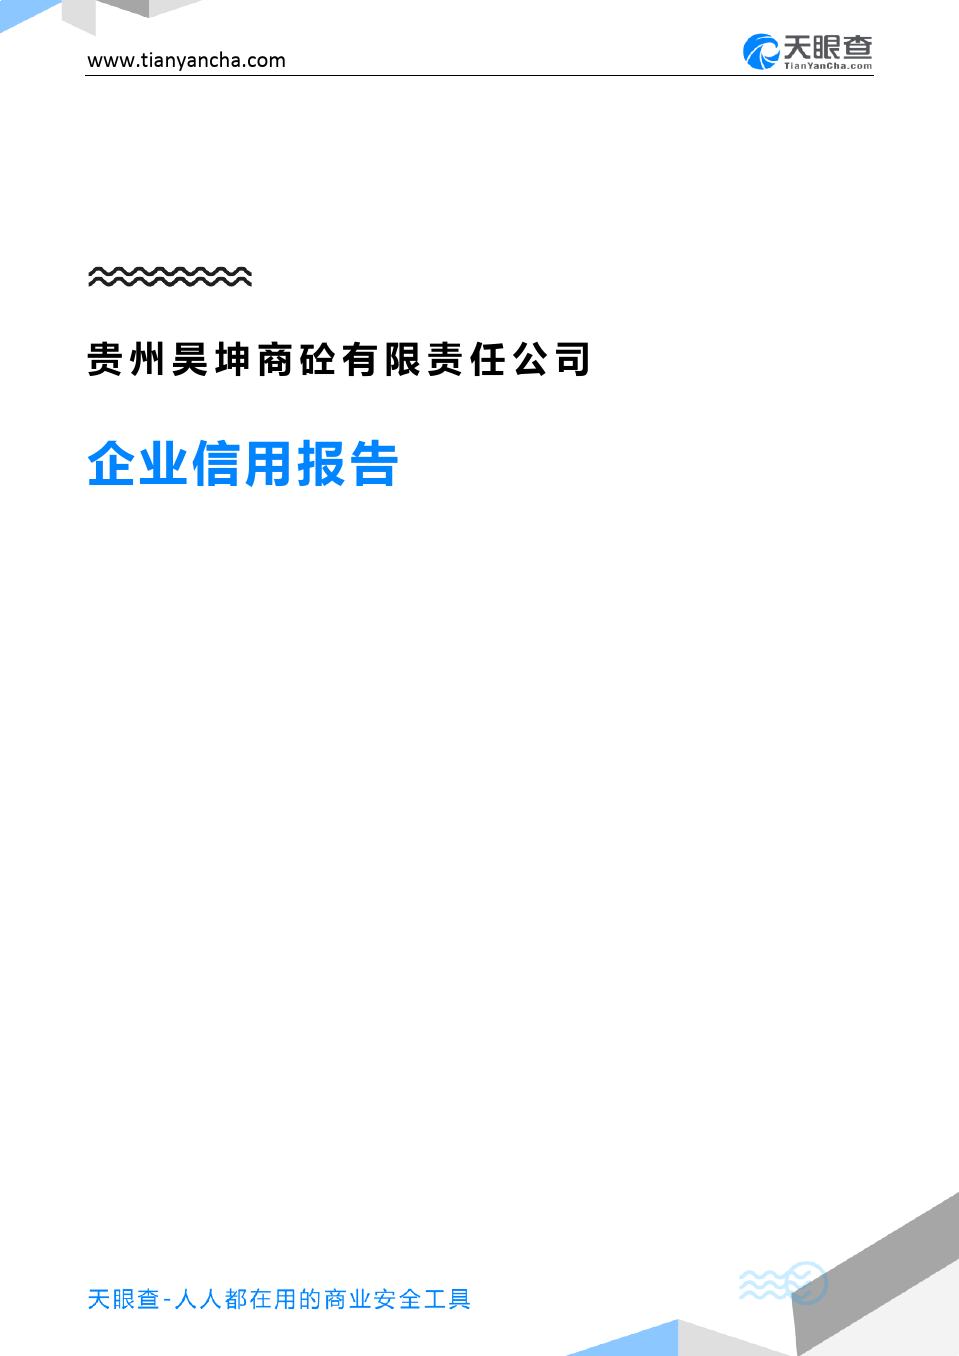 贵州昊坤商砼有限责任公司(企业信用报告)- 天眼查